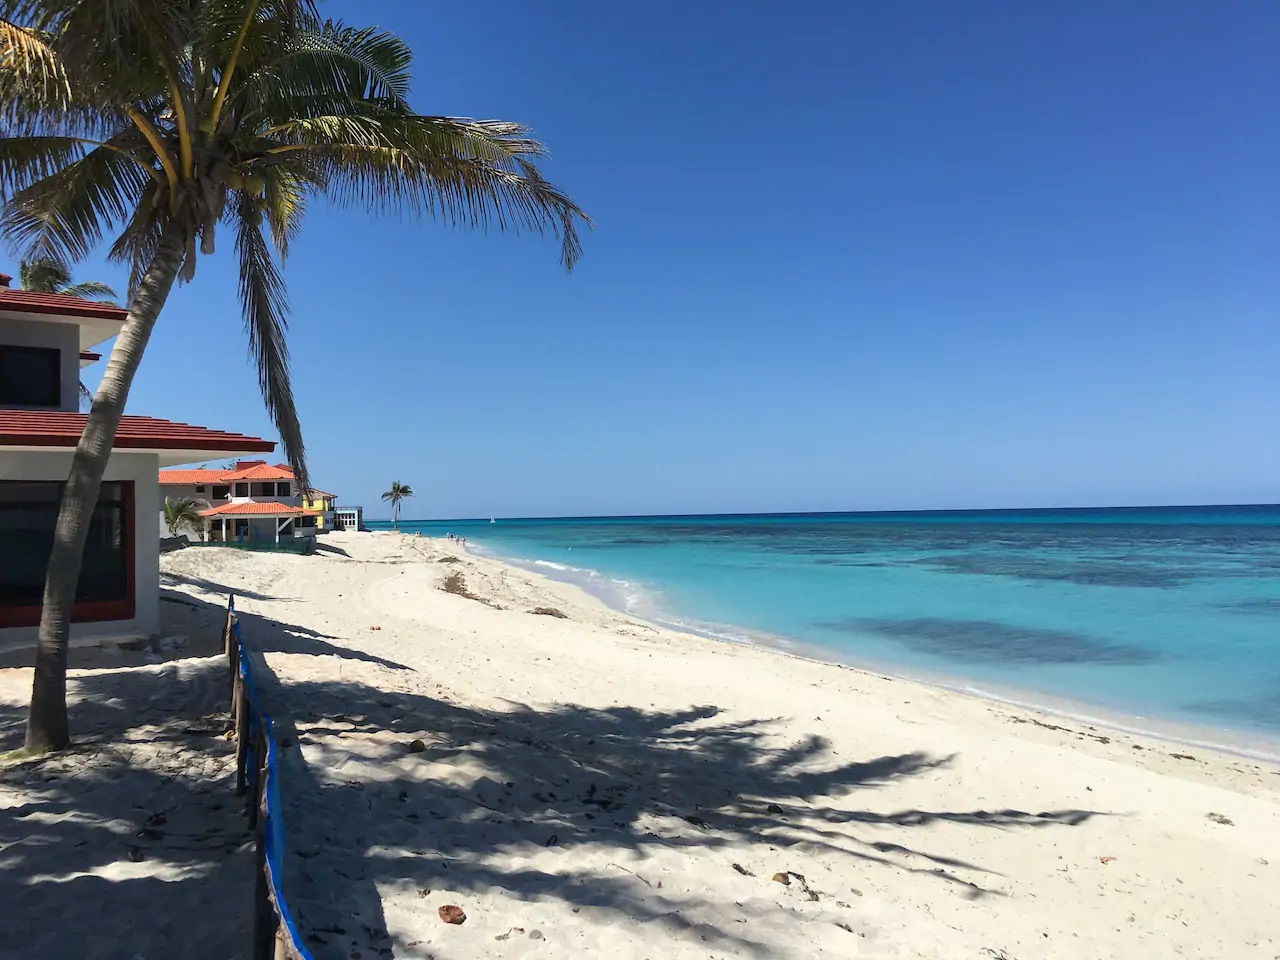 Adriana S Beach House In Cuba My